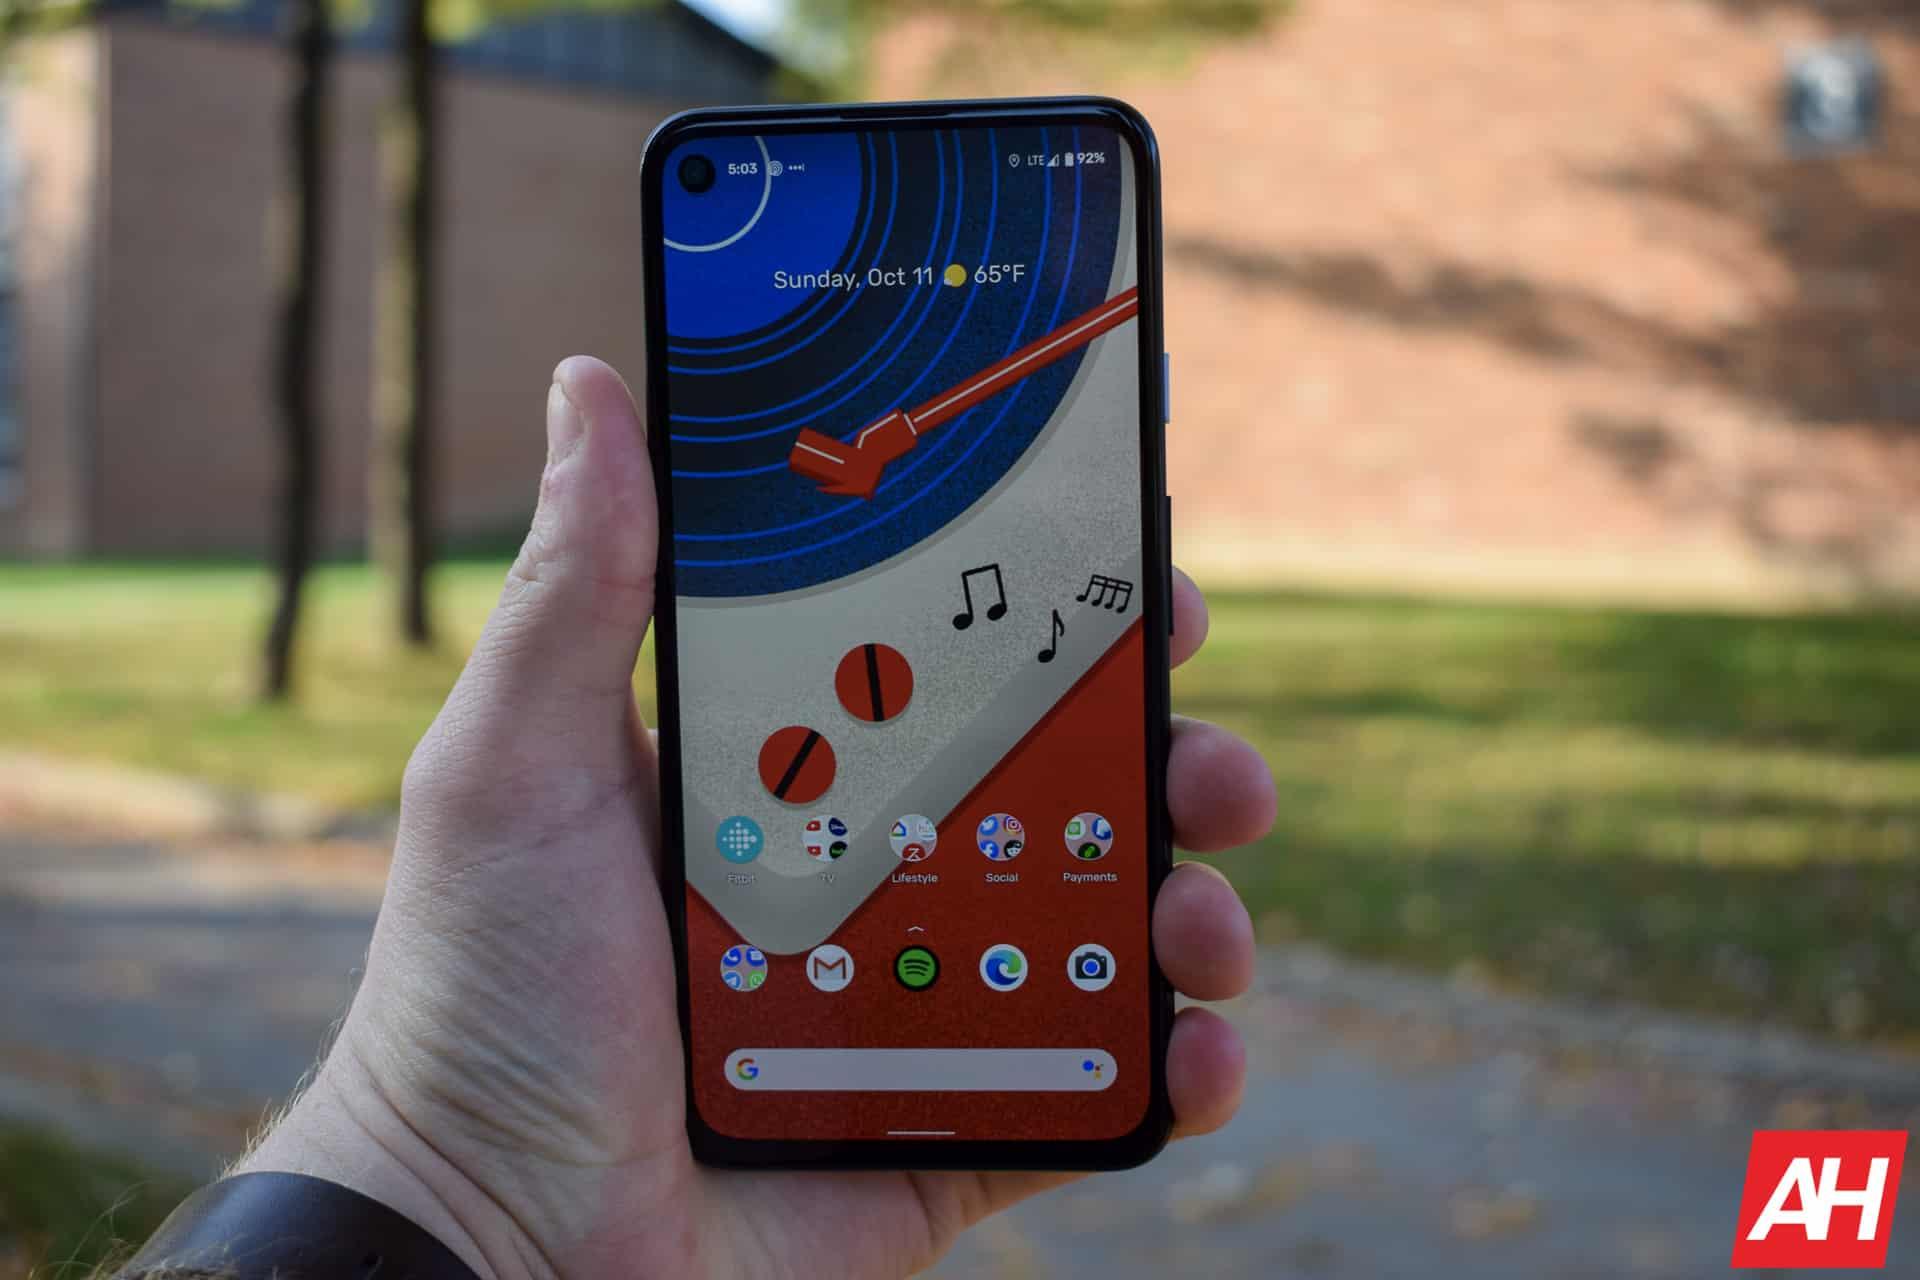 Google Pixel 4a 5G AM AH 9